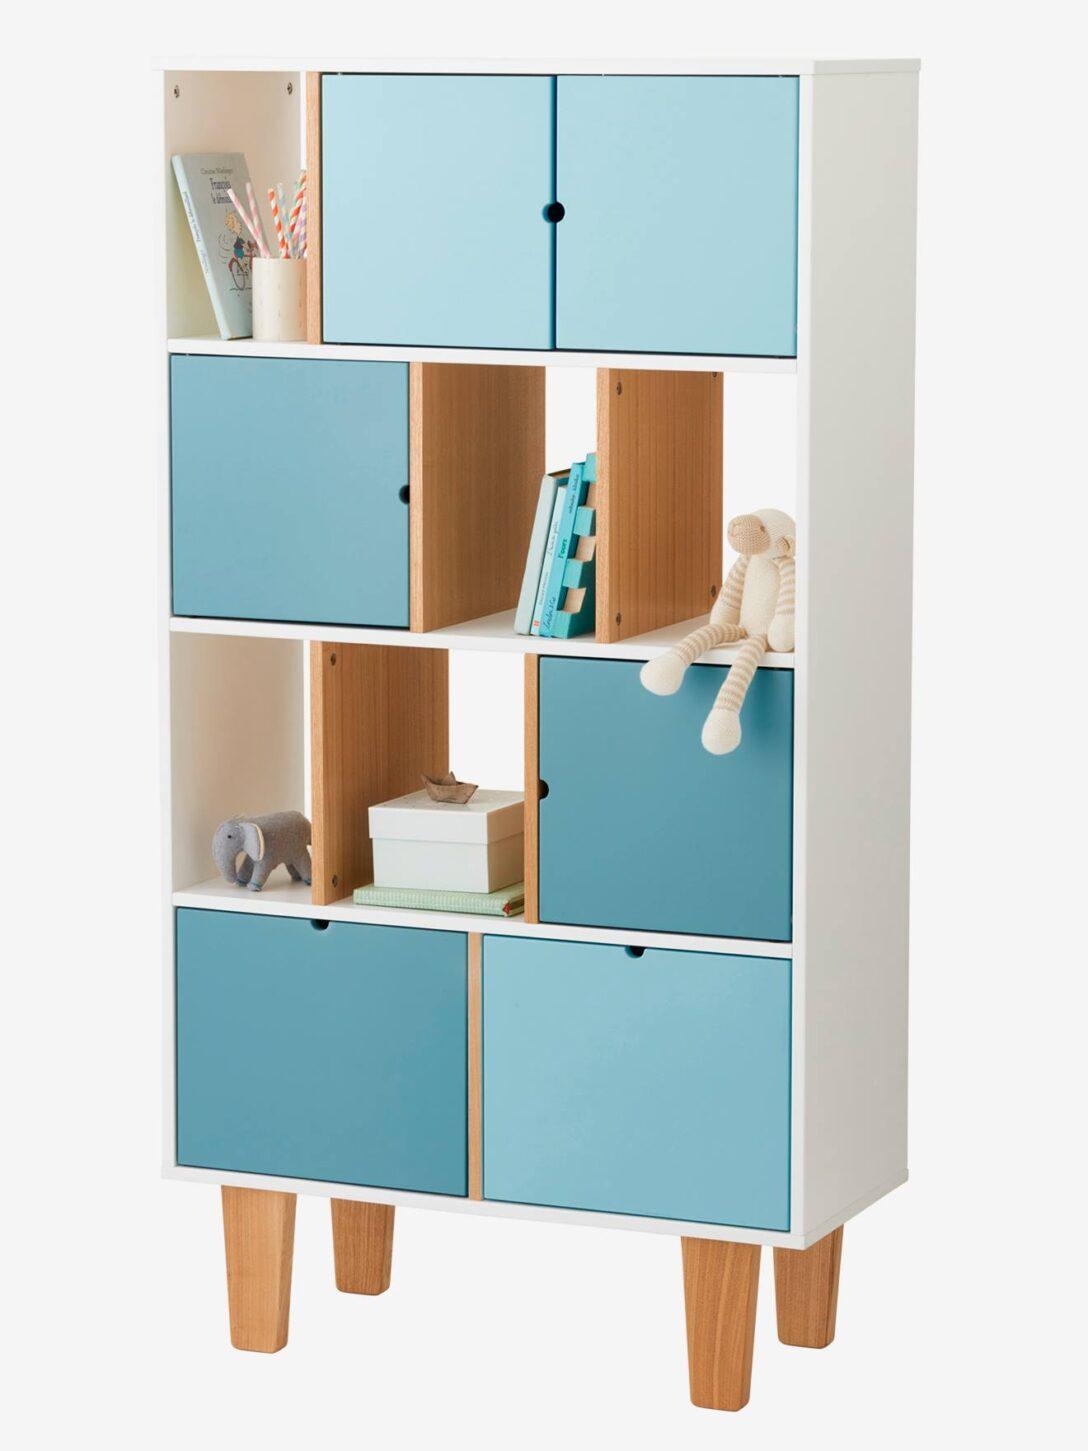 Large Size of Kinderzimmer Bücherregal Vertbaudet Regal Weiß Regale Sofa Kinderzimmer Kinderzimmer Bücherregal